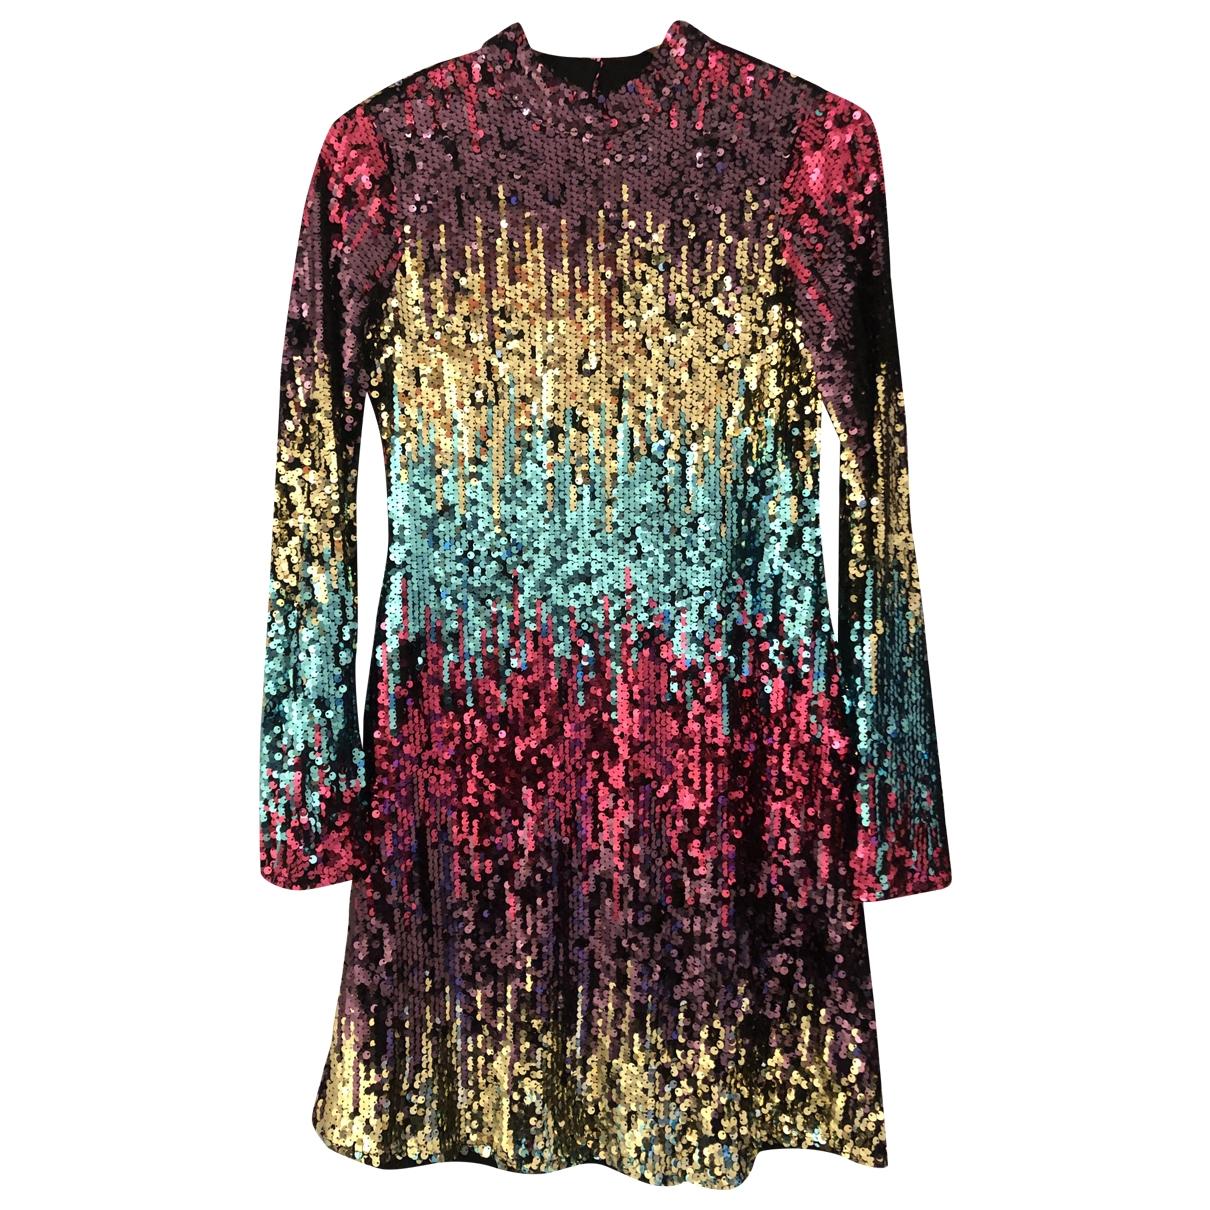 Miss Selfridge \N Kleid in  Bunt Synthetik